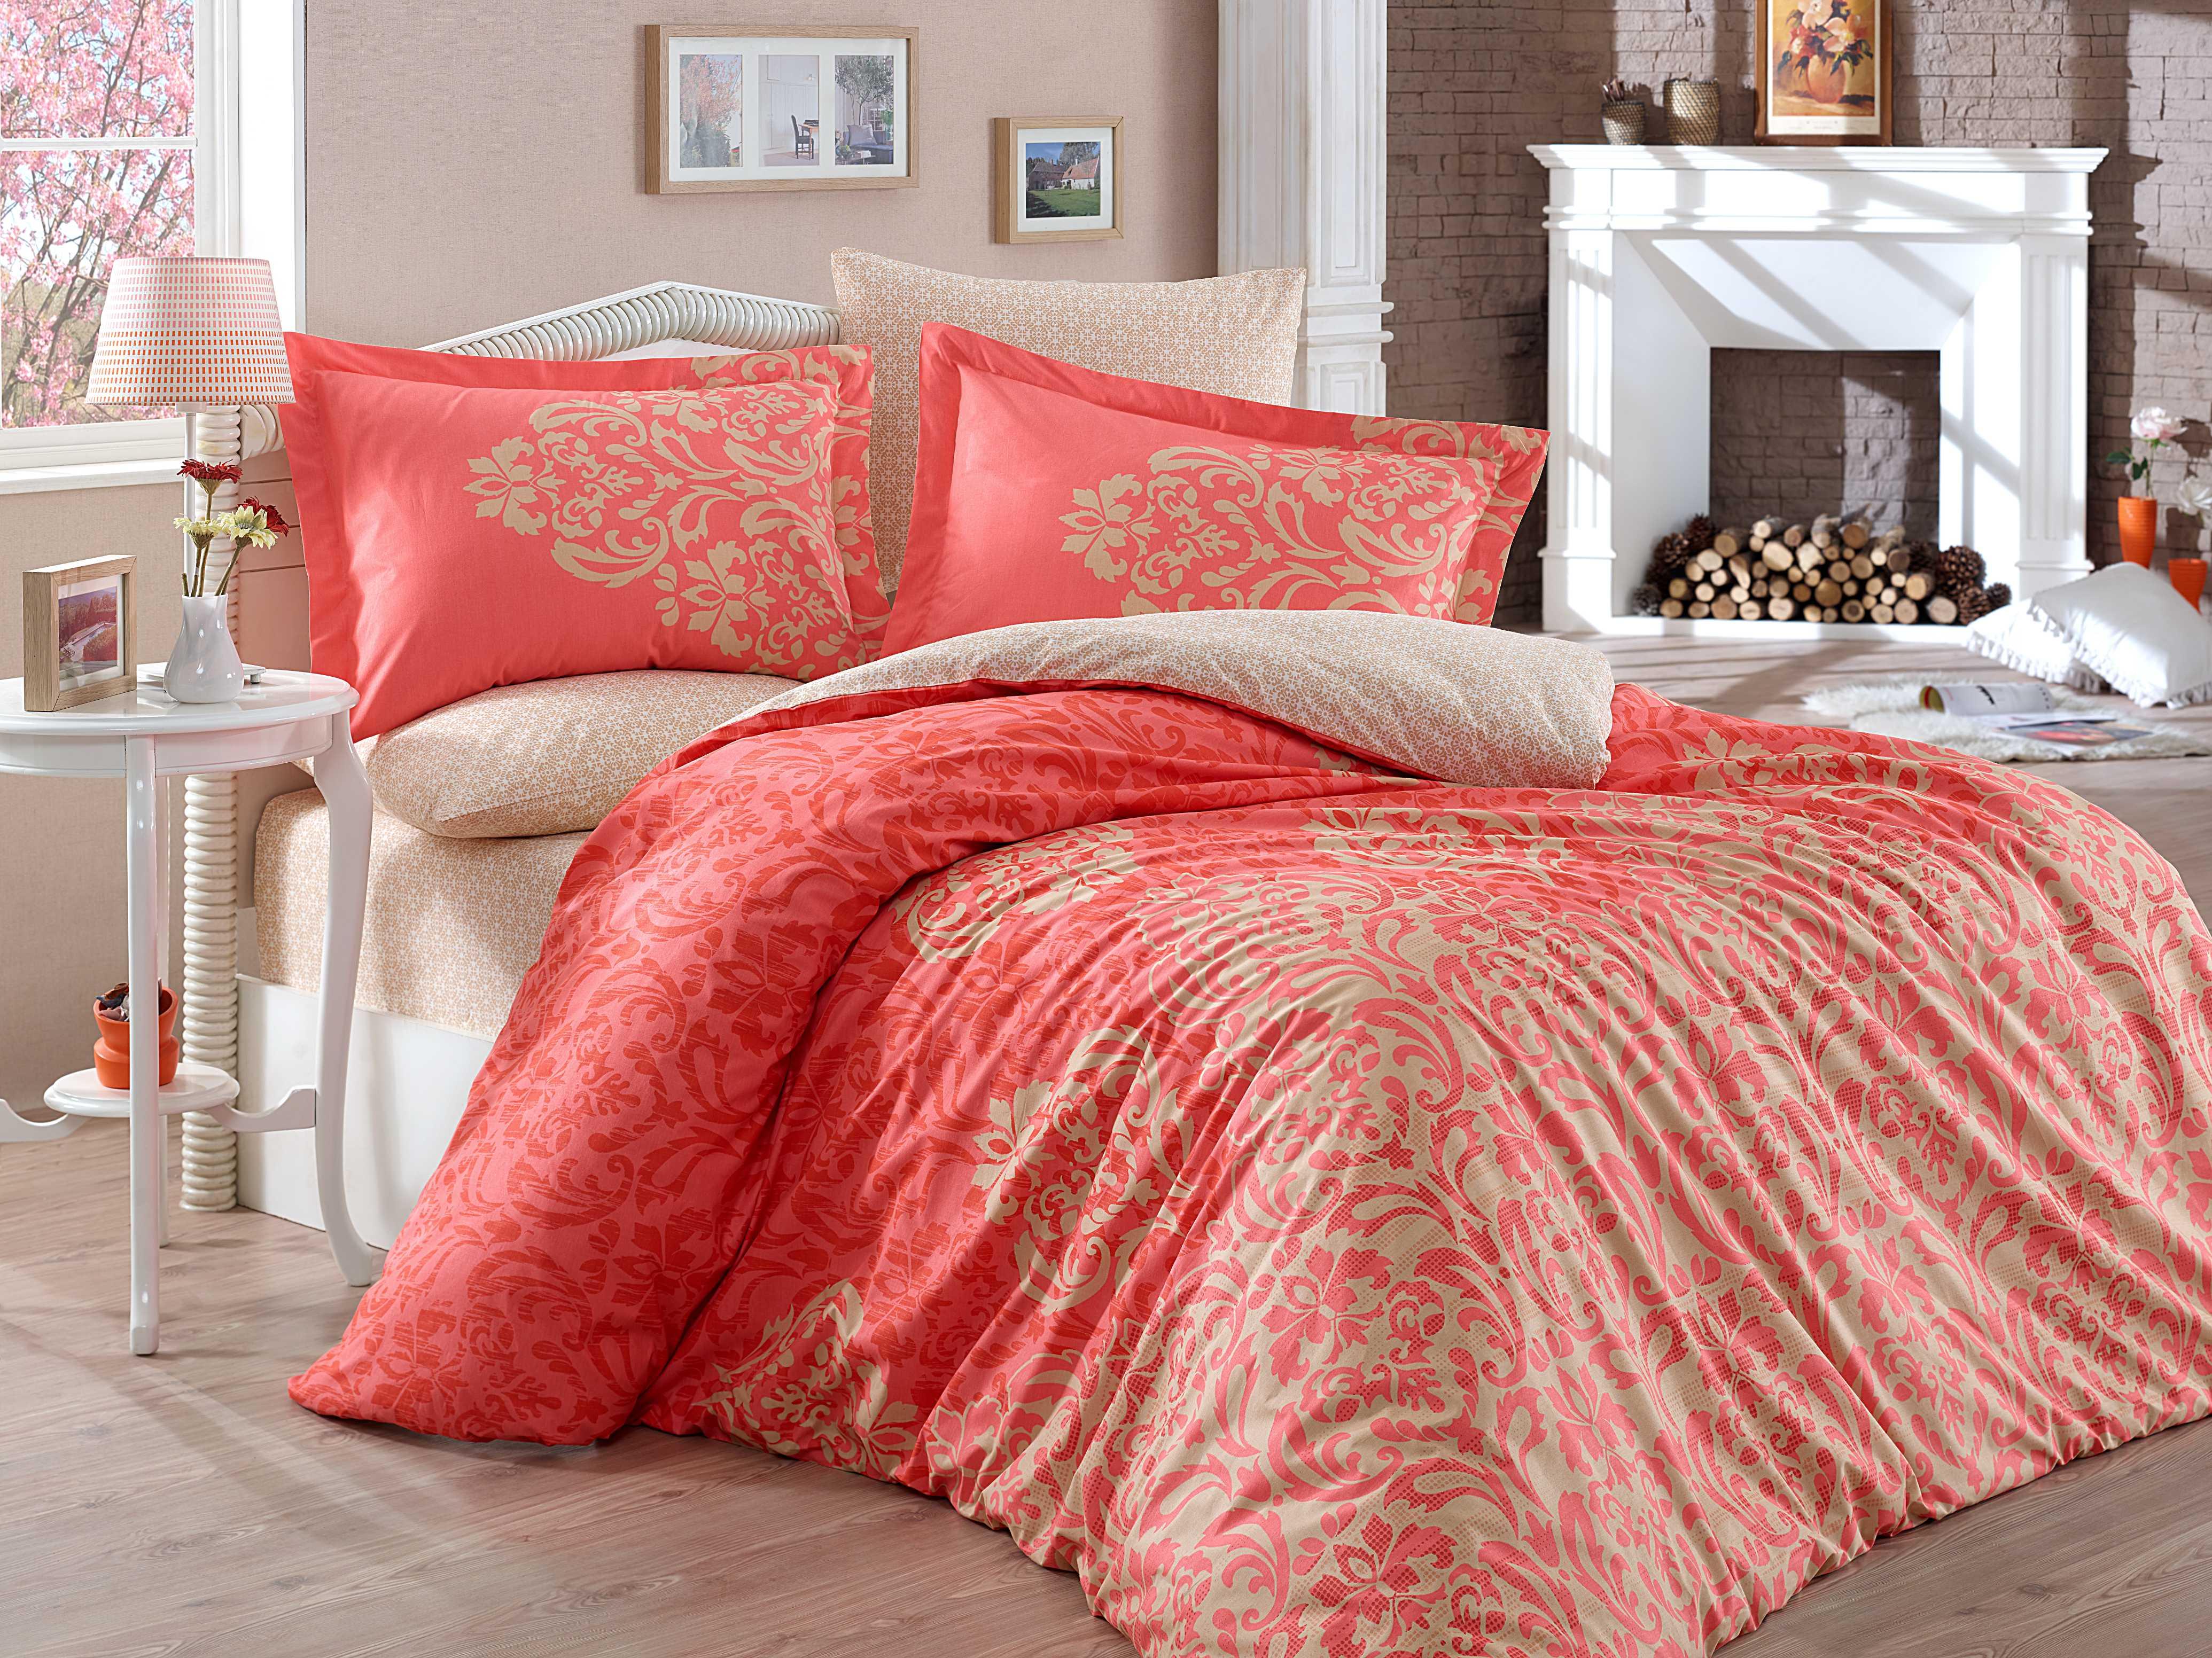 Комплект постельного белья Hobby Home Collection Serenity, евро, наволочки 50x70, цвет: персиковый